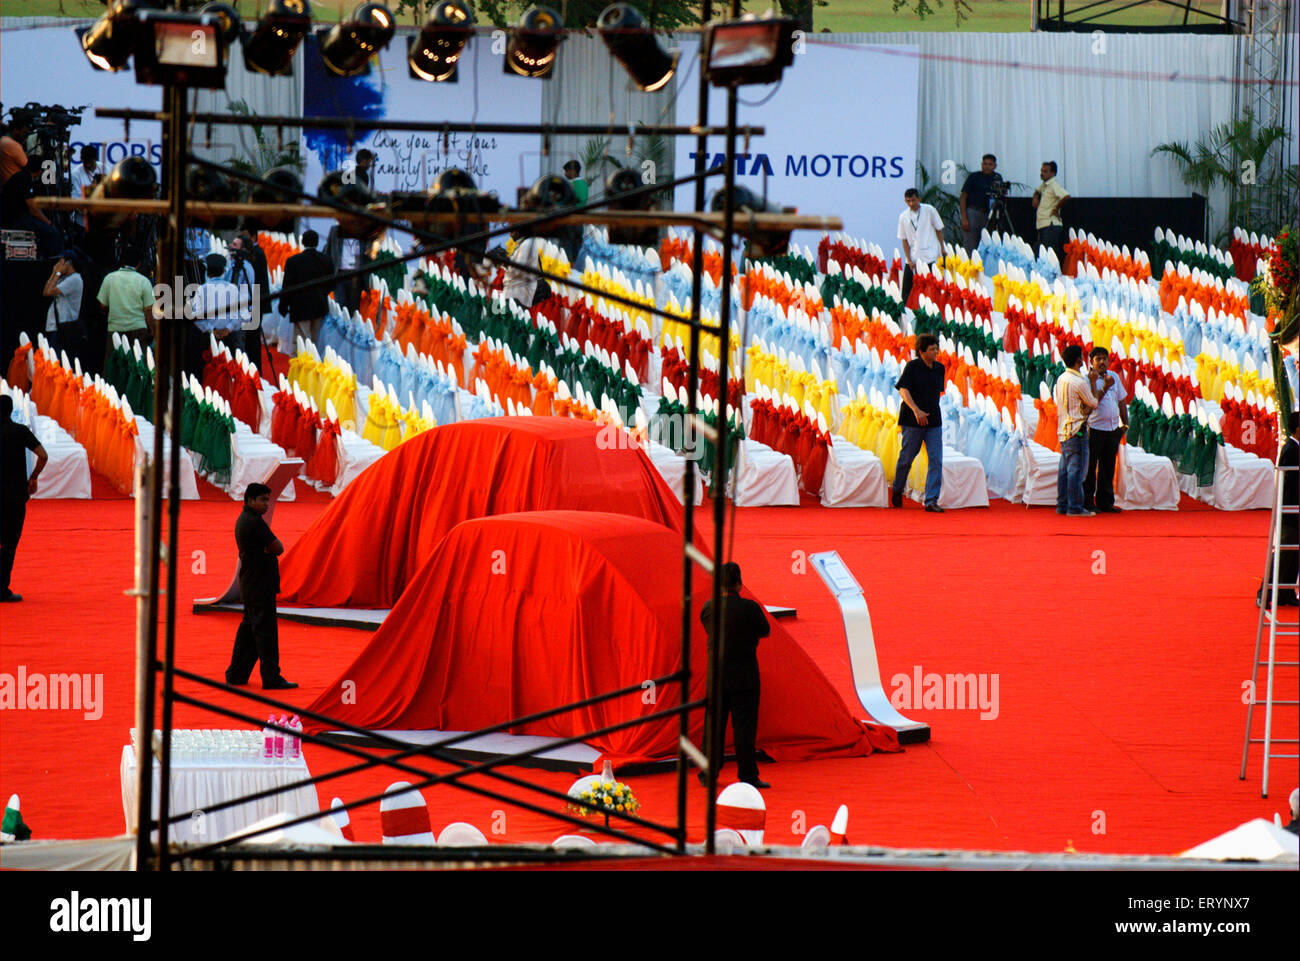 Tata Motor Tata Nano car veiled prior to launch ; Bombay Mumbai ; Maharashtra ; India - Stock Image